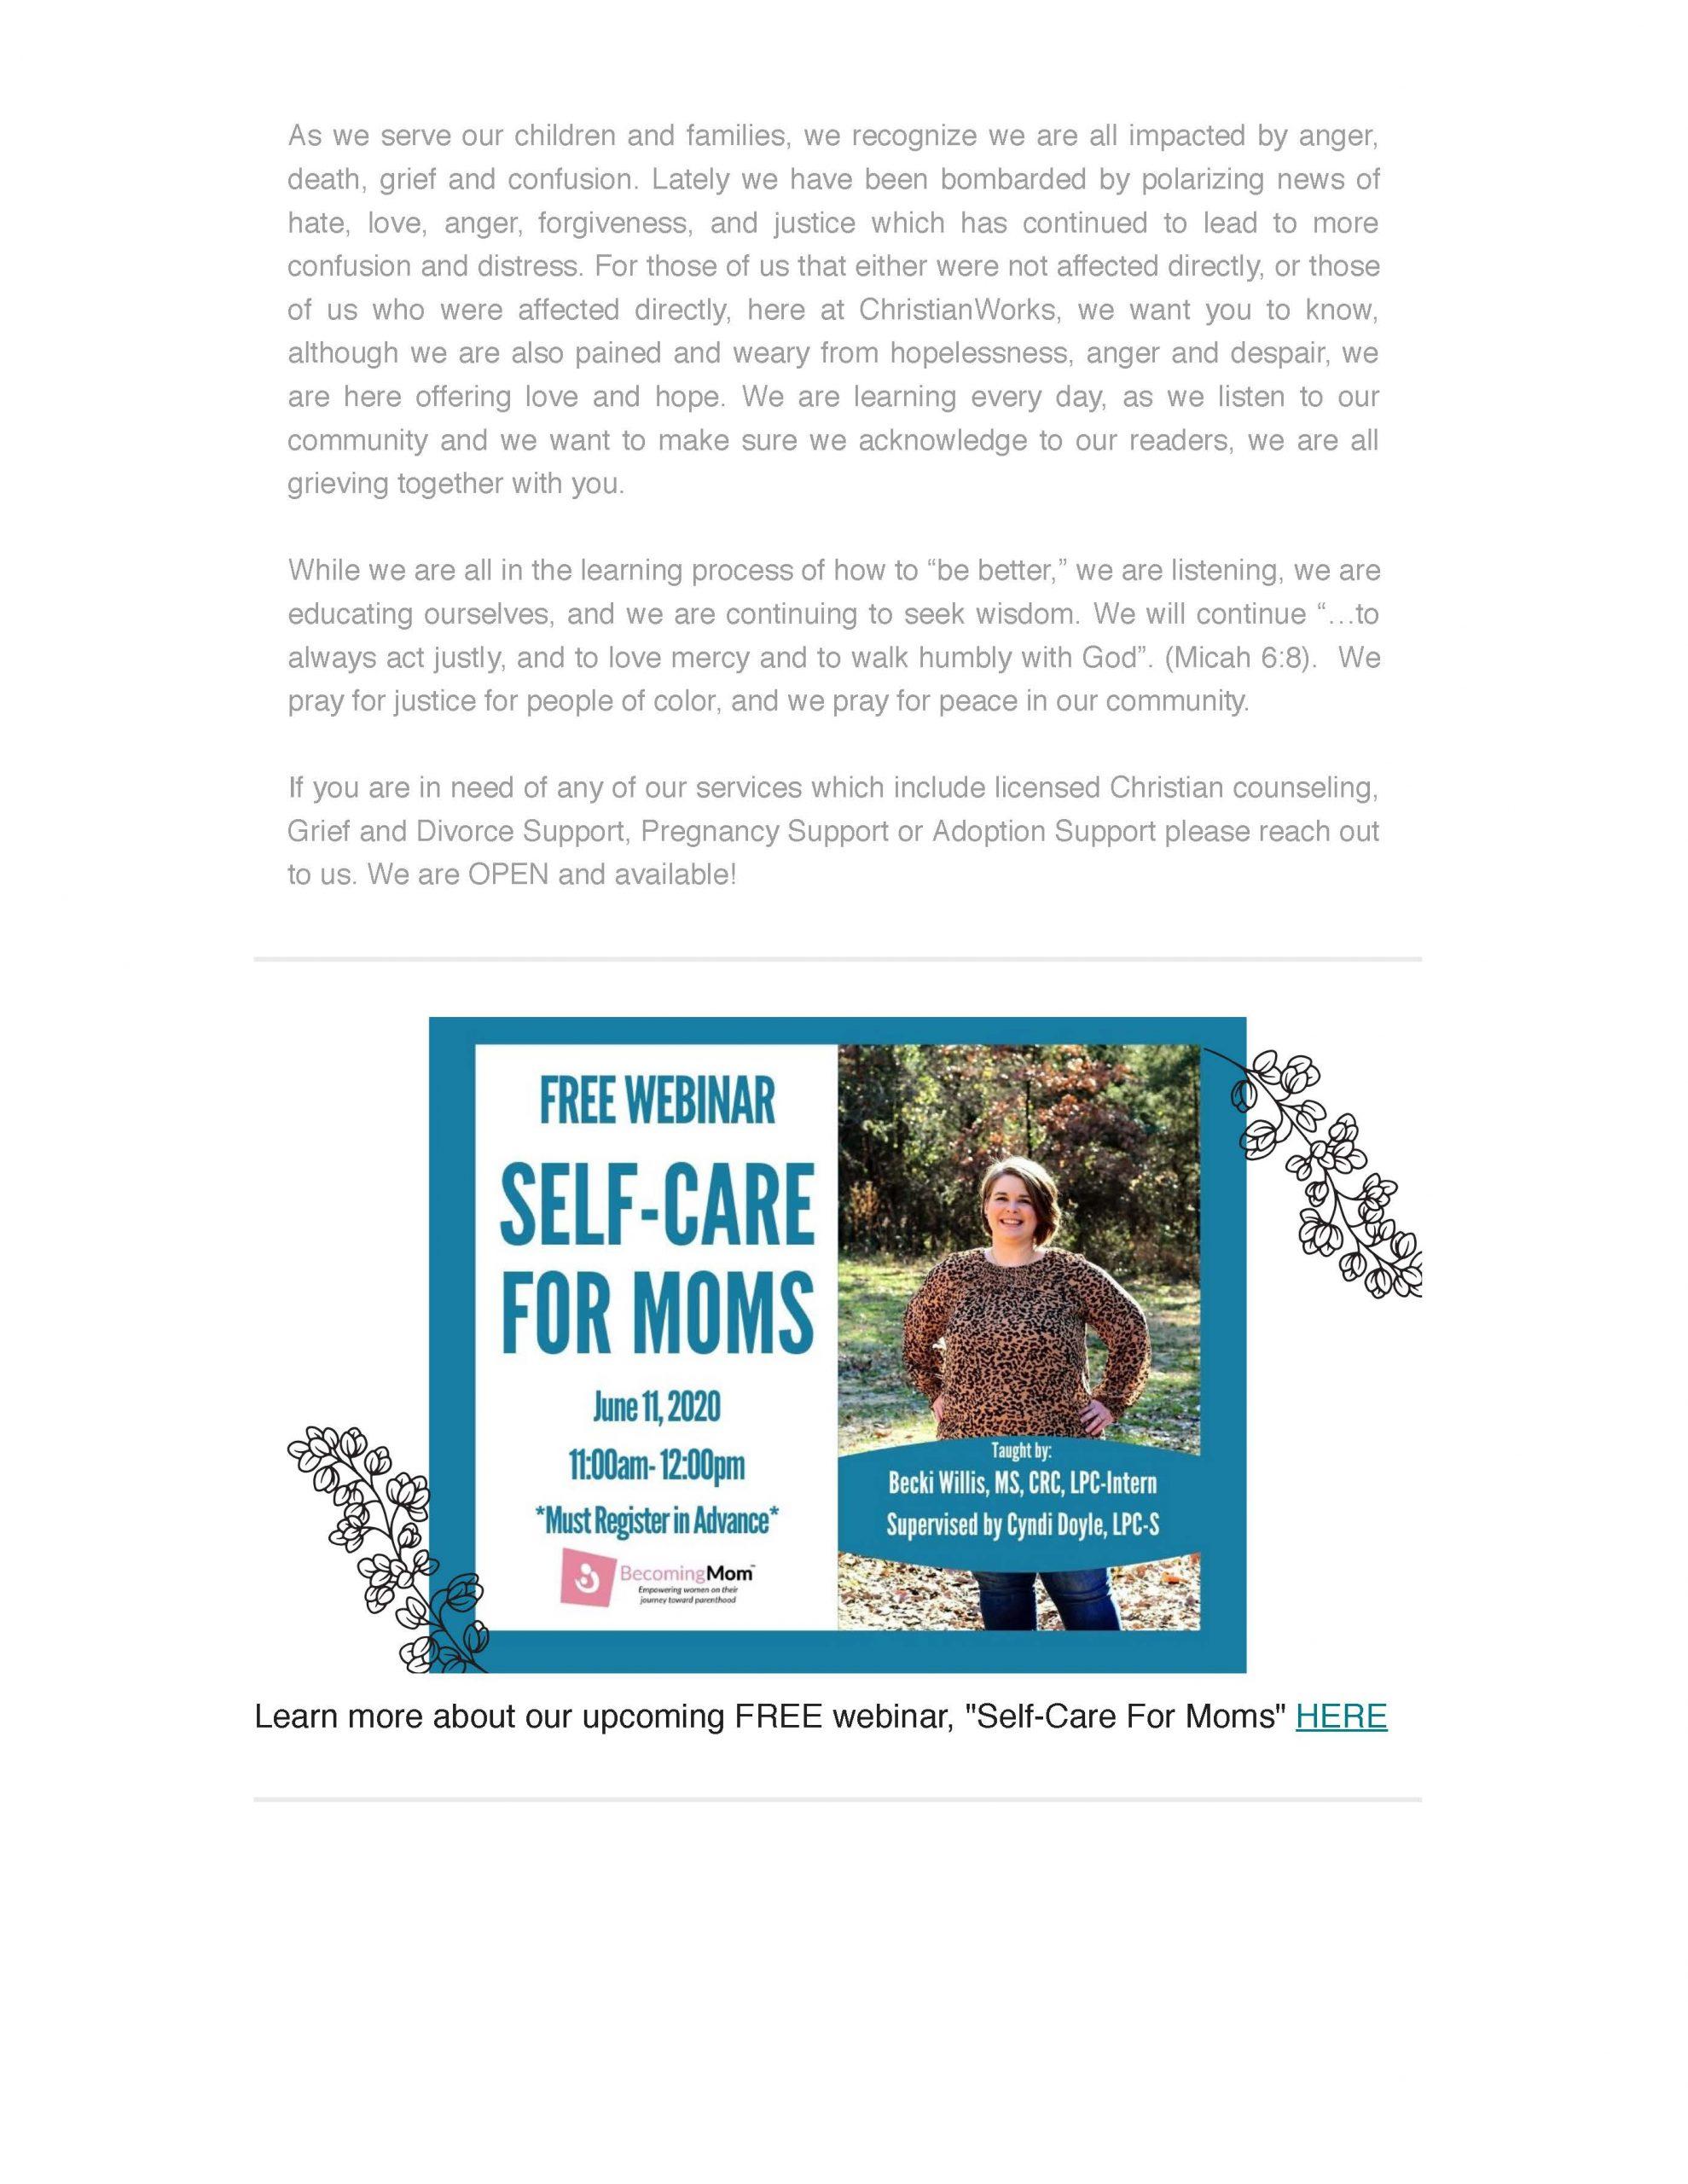 ChristianWorks Newsletter June 9, 2020 pt.2